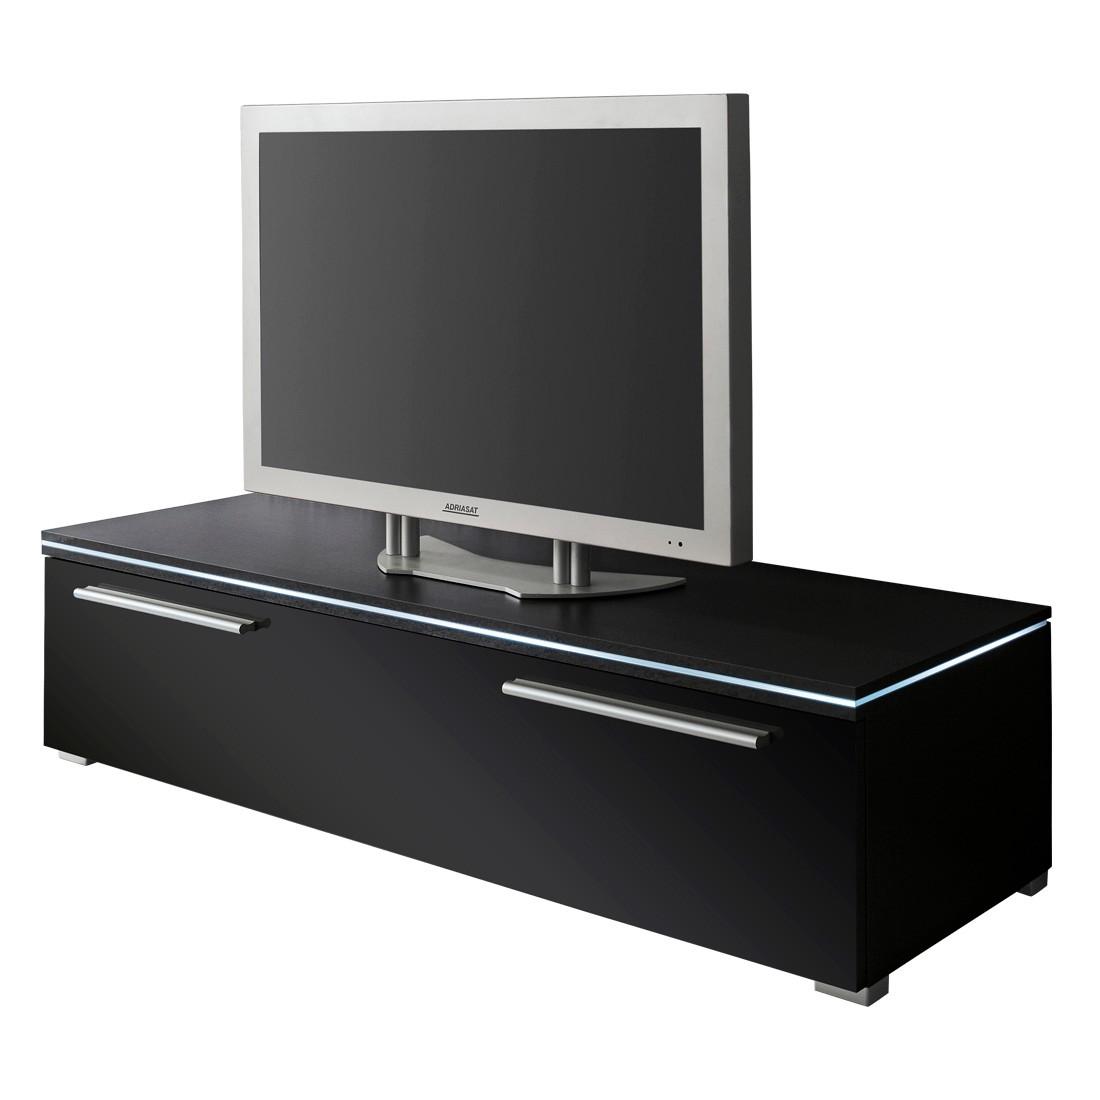 lowboard hochglanz schwarz preisvergleiche. Black Bedroom Furniture Sets. Home Design Ideas